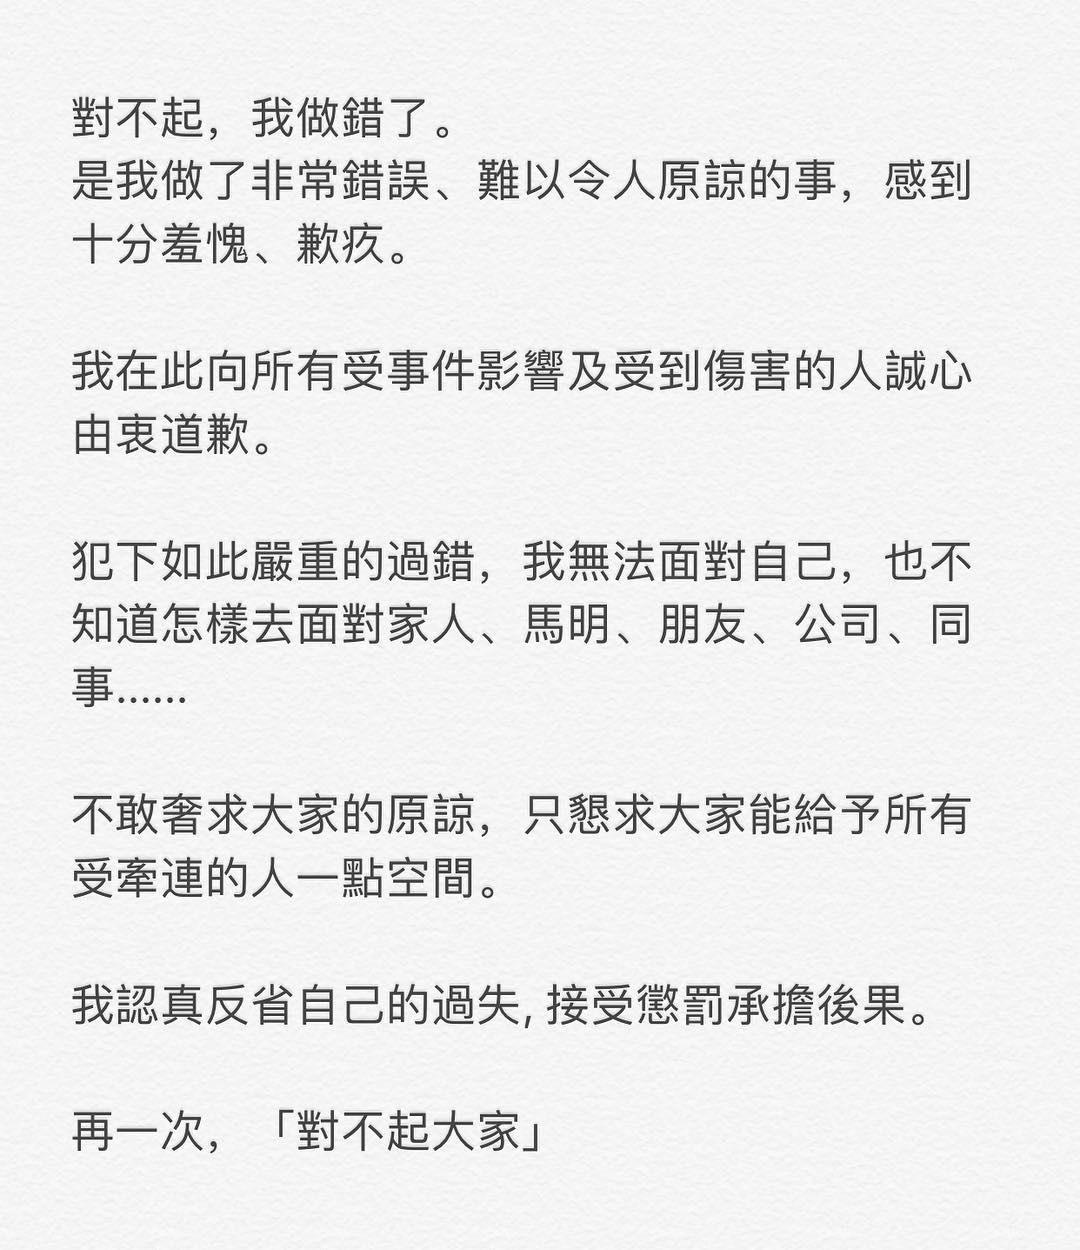 小三黃心穎今(17日)下午發出聲明,表示自己無法面對自己。(翻攝自黃心穎IG)